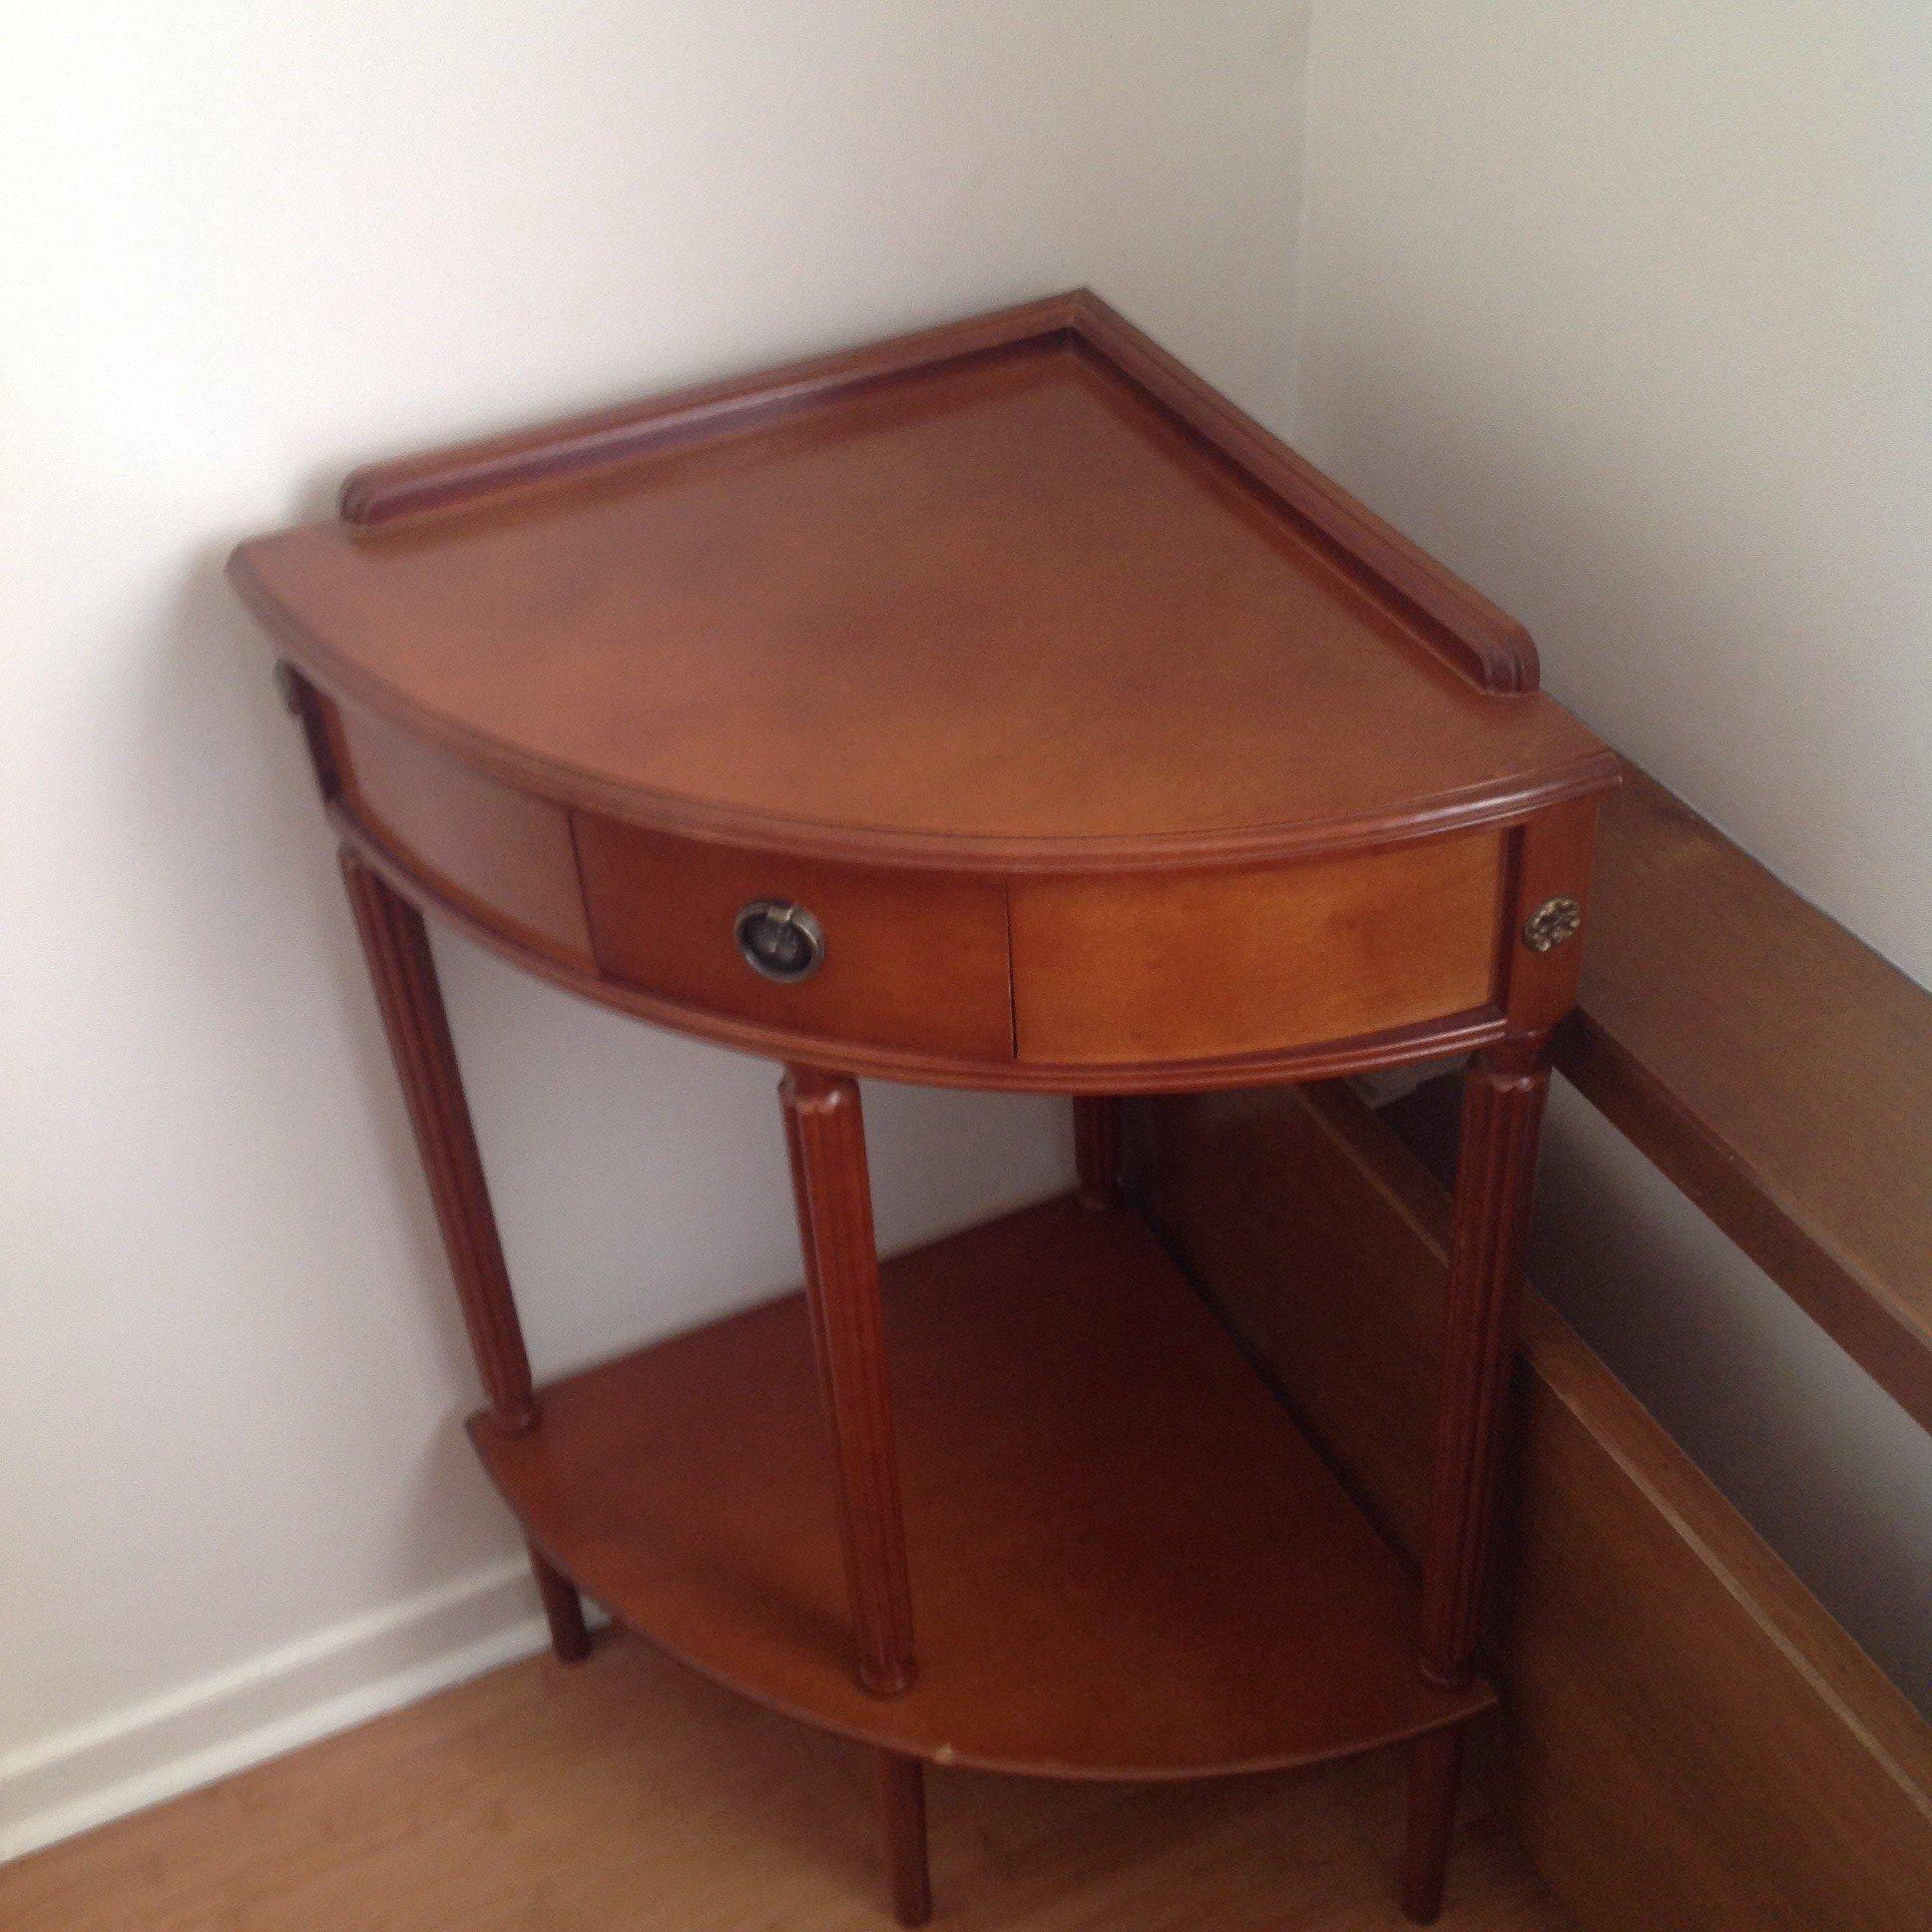 meuble de coin avec petit tiroir videappartparis15. Black Bedroom Furniture Sets. Home Design Ideas